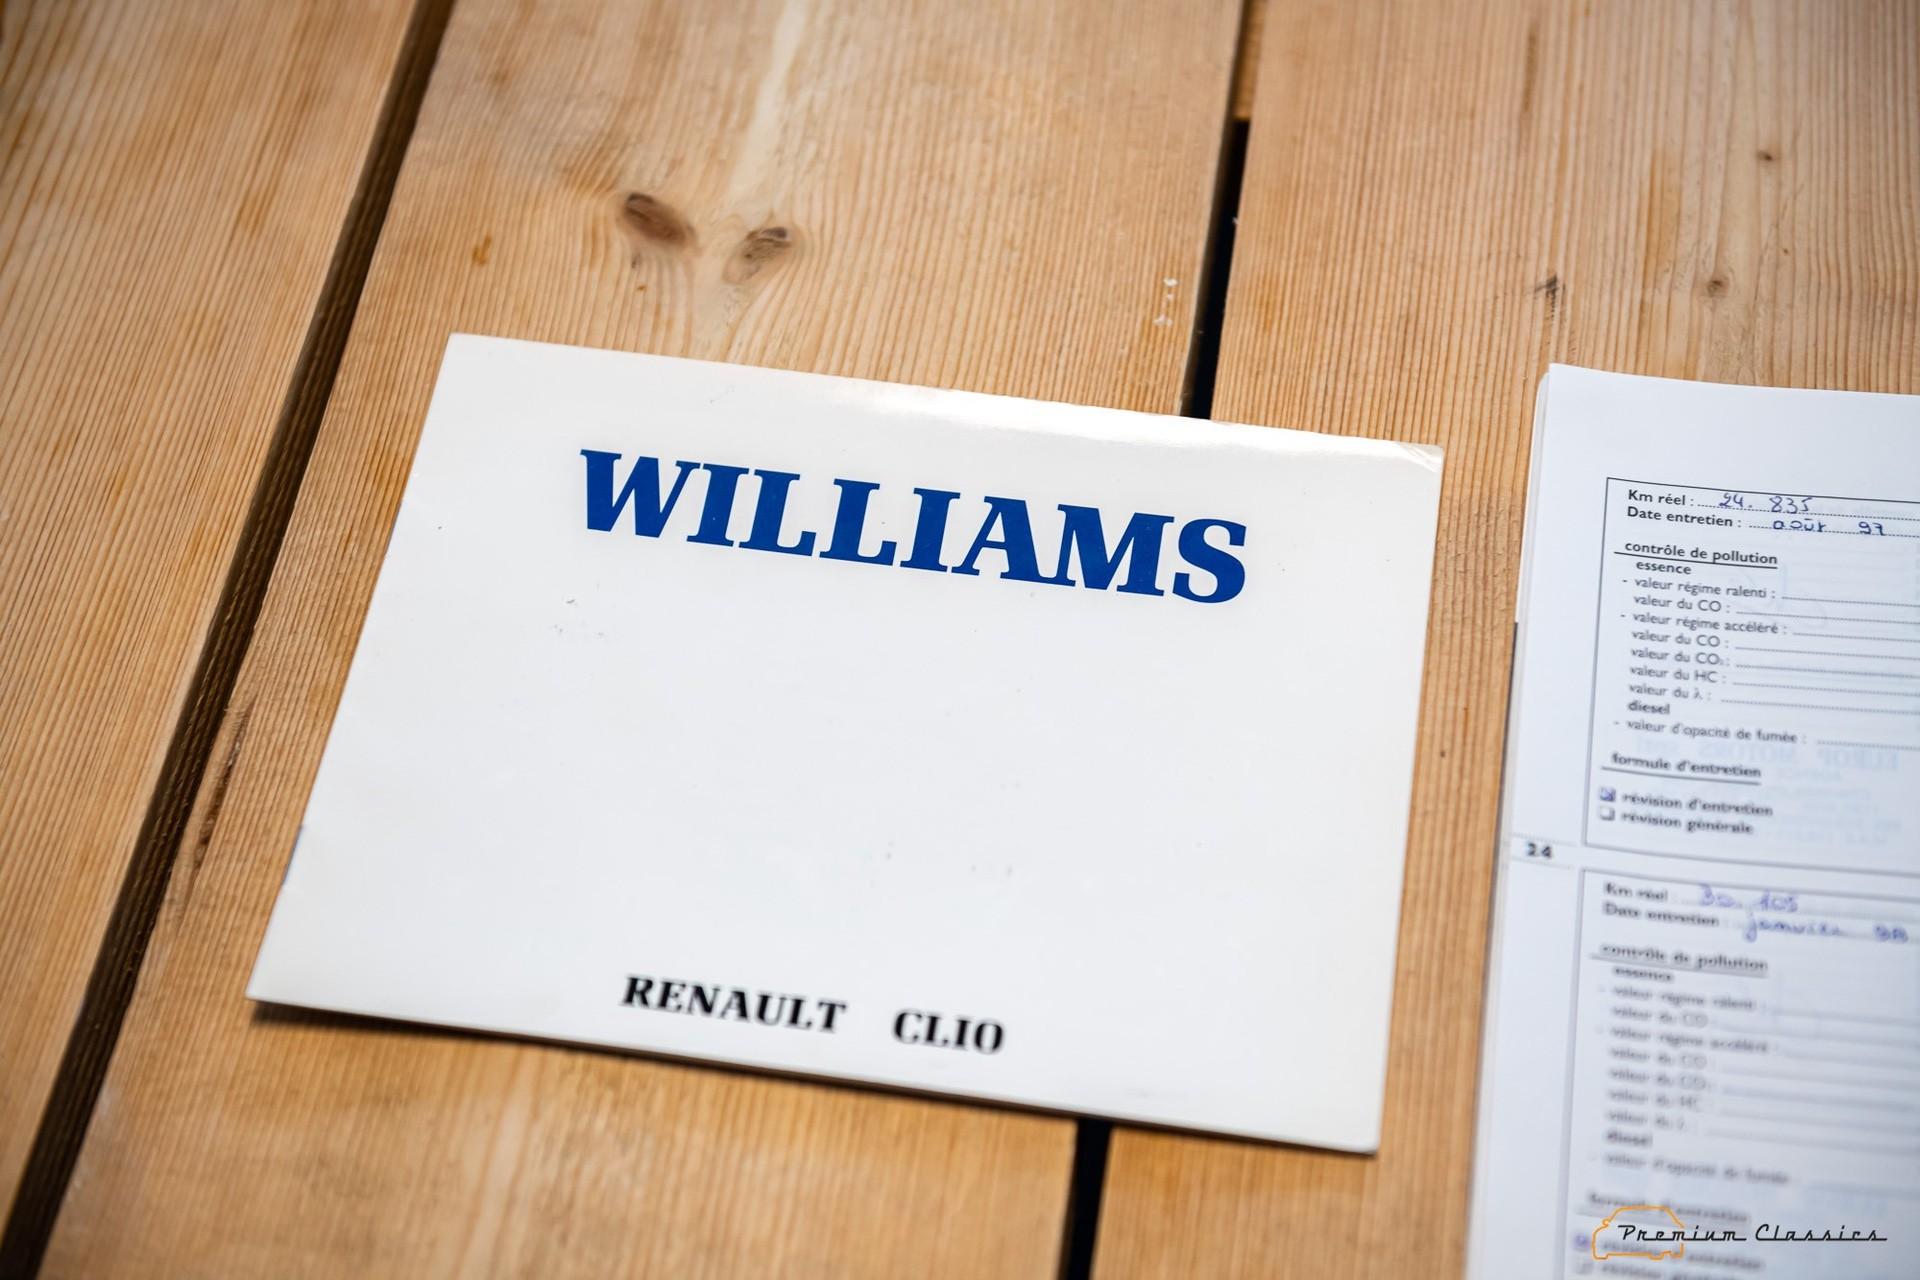 Renault_Clio_Williams_sale-0065